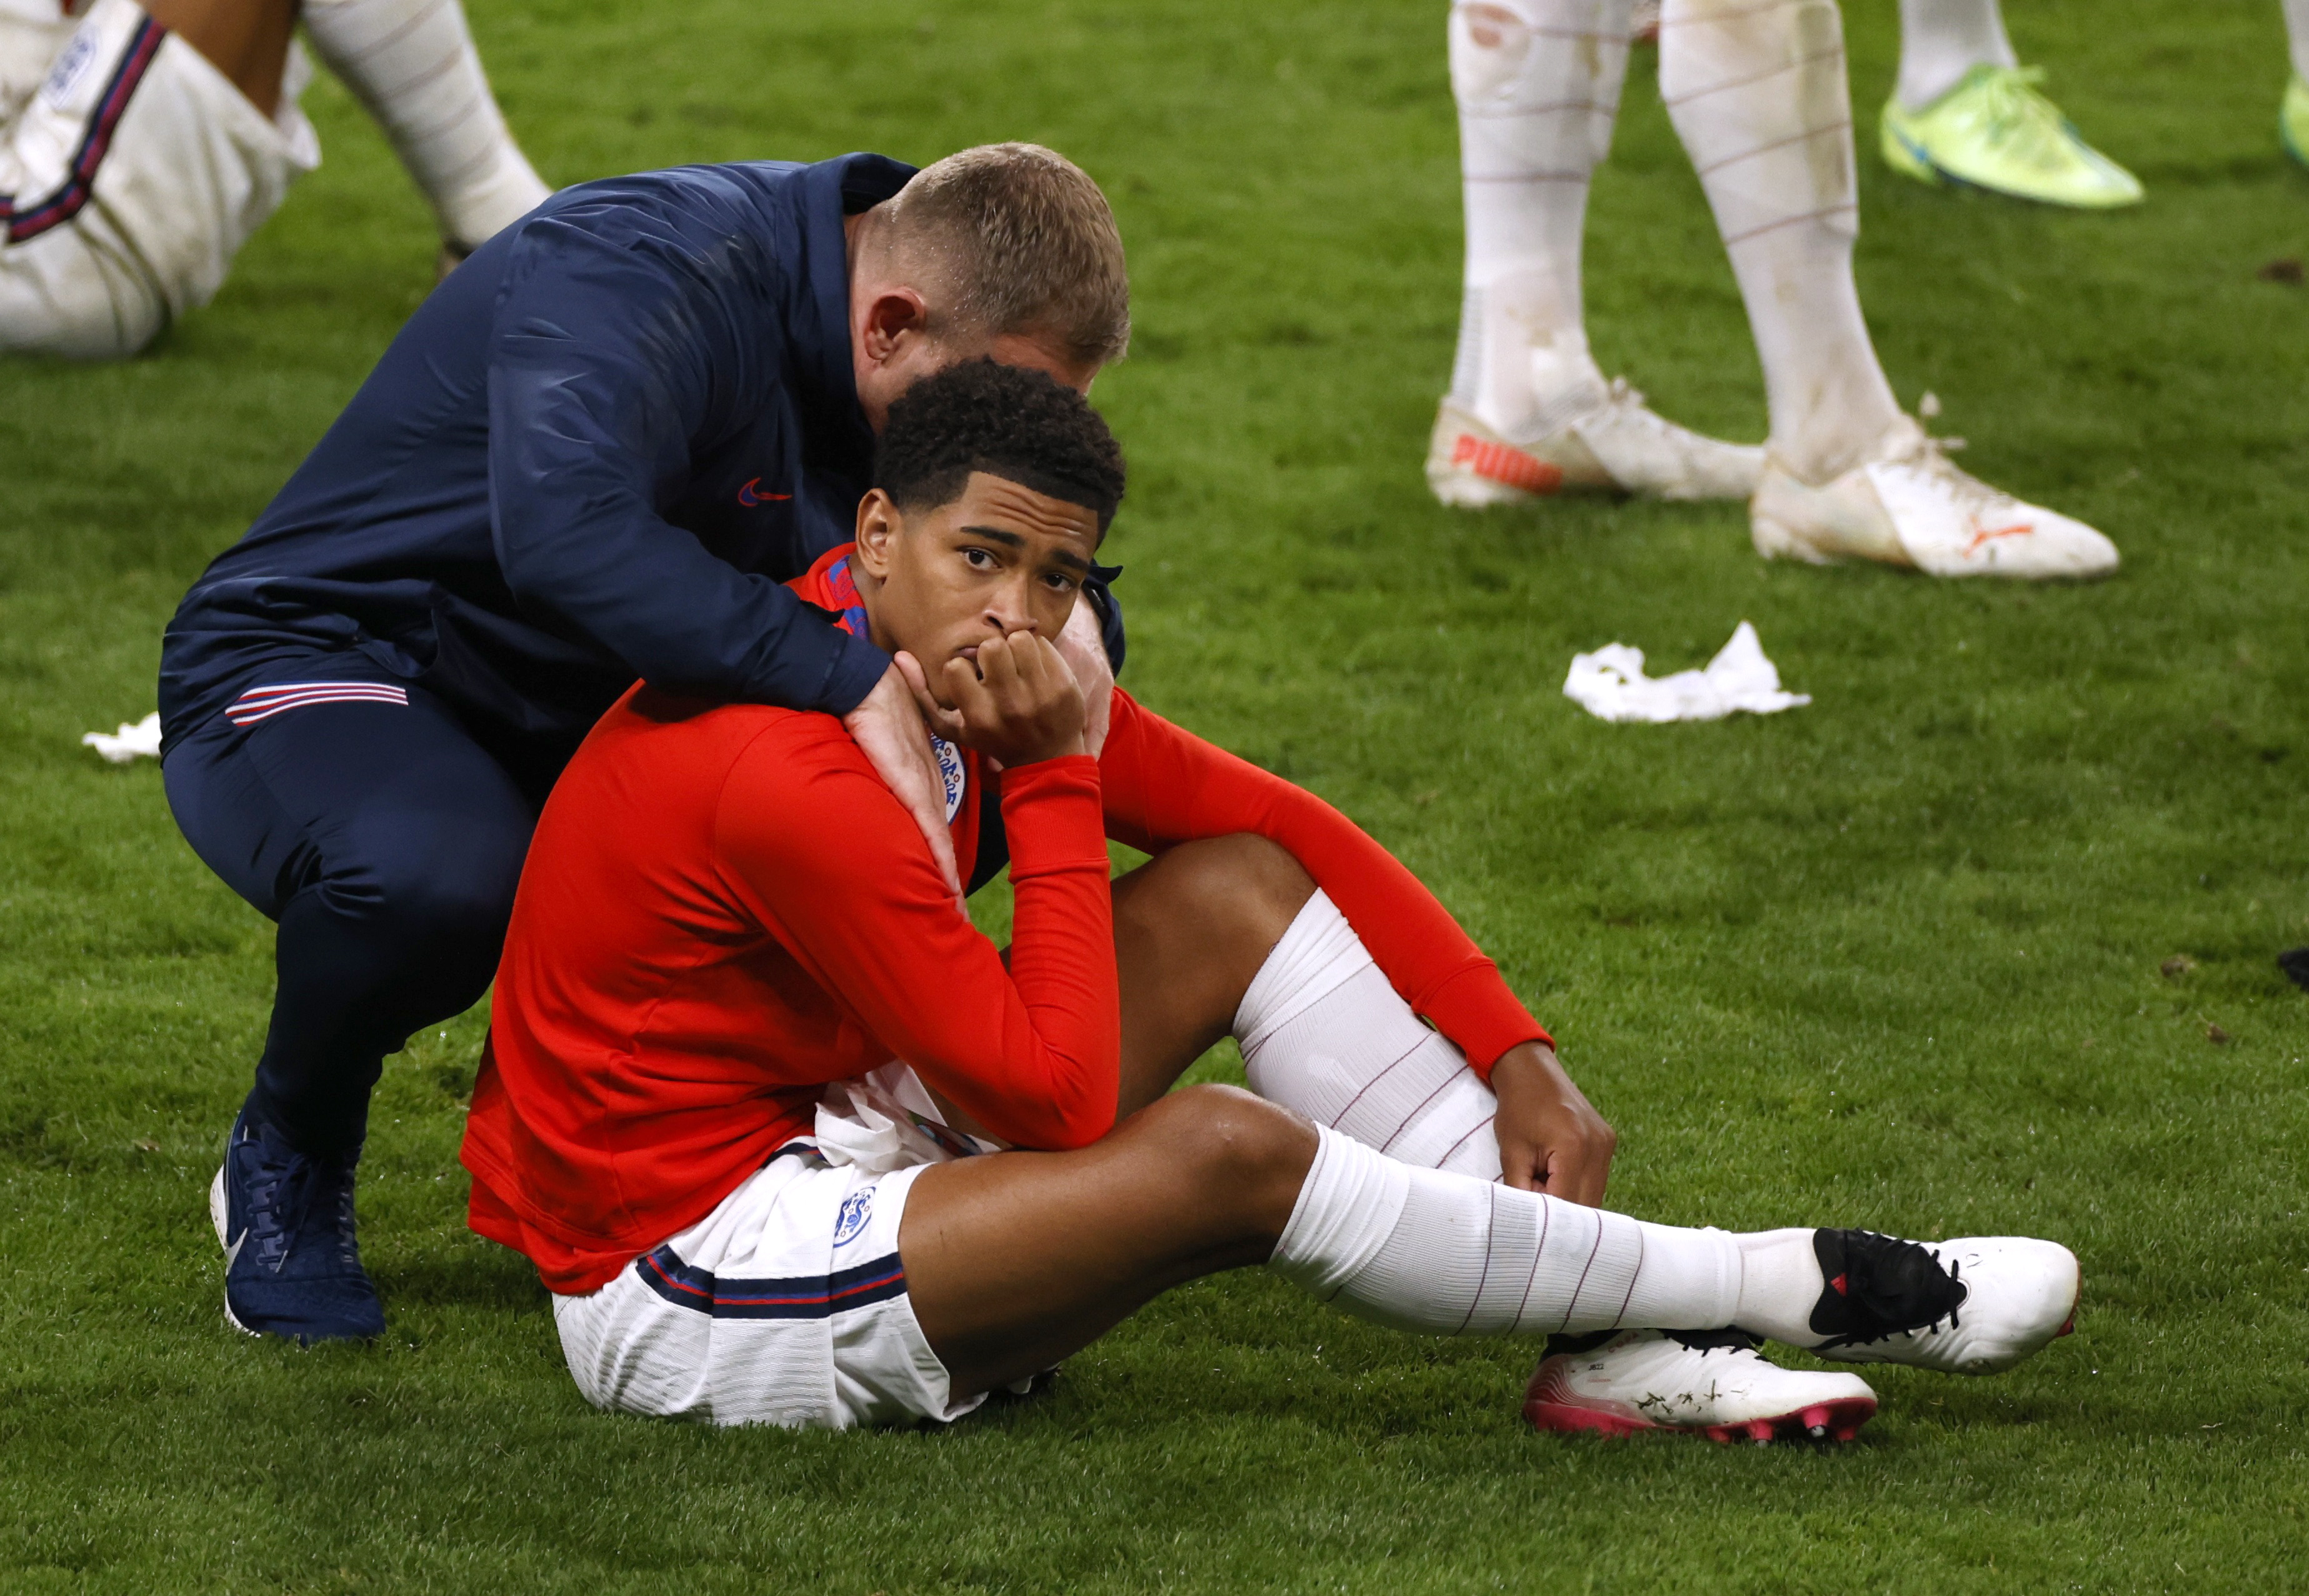 इंग्लैंड के प्लेयर जुडे बेलिंघम मैदान पर निराश होकर बैठ गए। मैच 1-1 से बराबरी पर खत्म होने के बाद पेनल्टी शूटआउट में गया था।